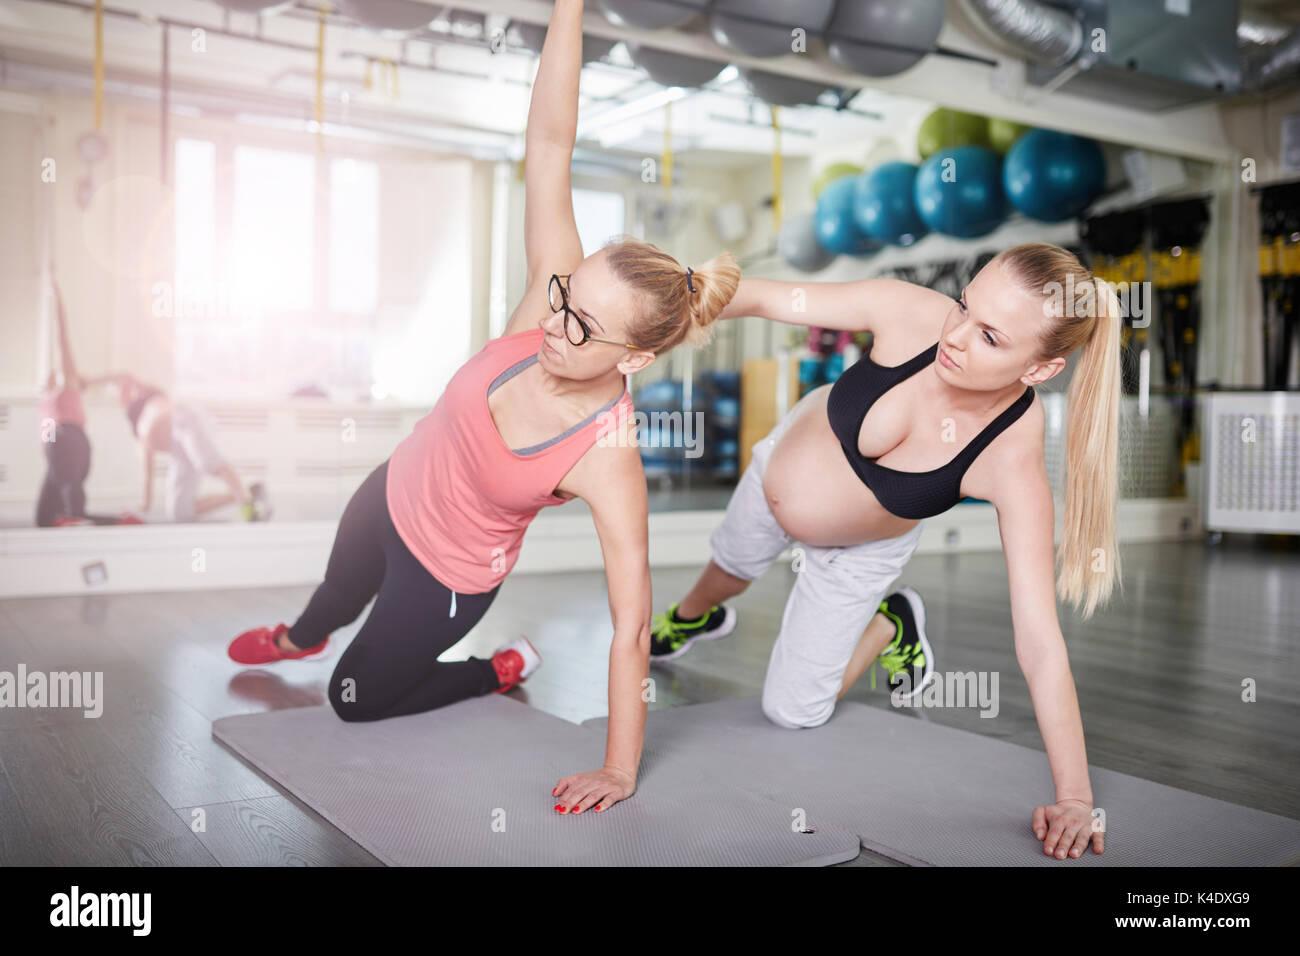 Lado retrato de mujer embarazada hacer ejercicio con un entrenador personal Imagen De Stock